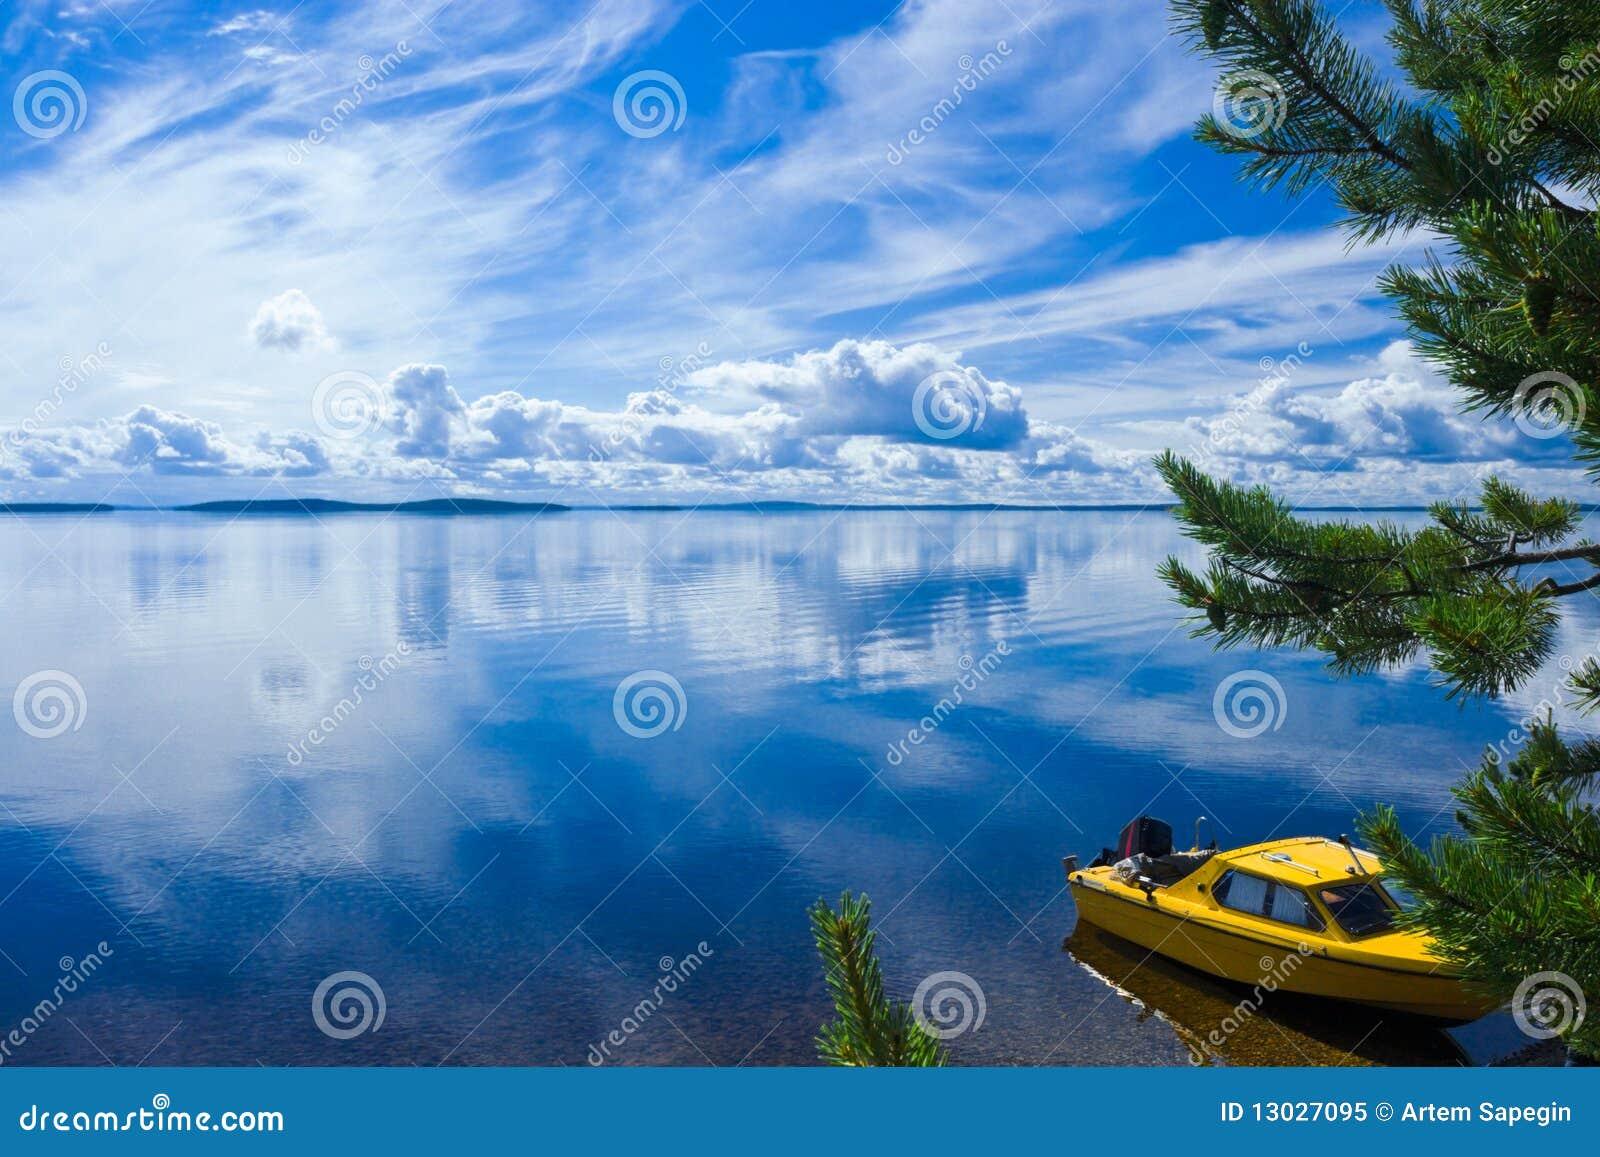 Boat On Lake Shore Royalty Free Stock Photo Image 13027095